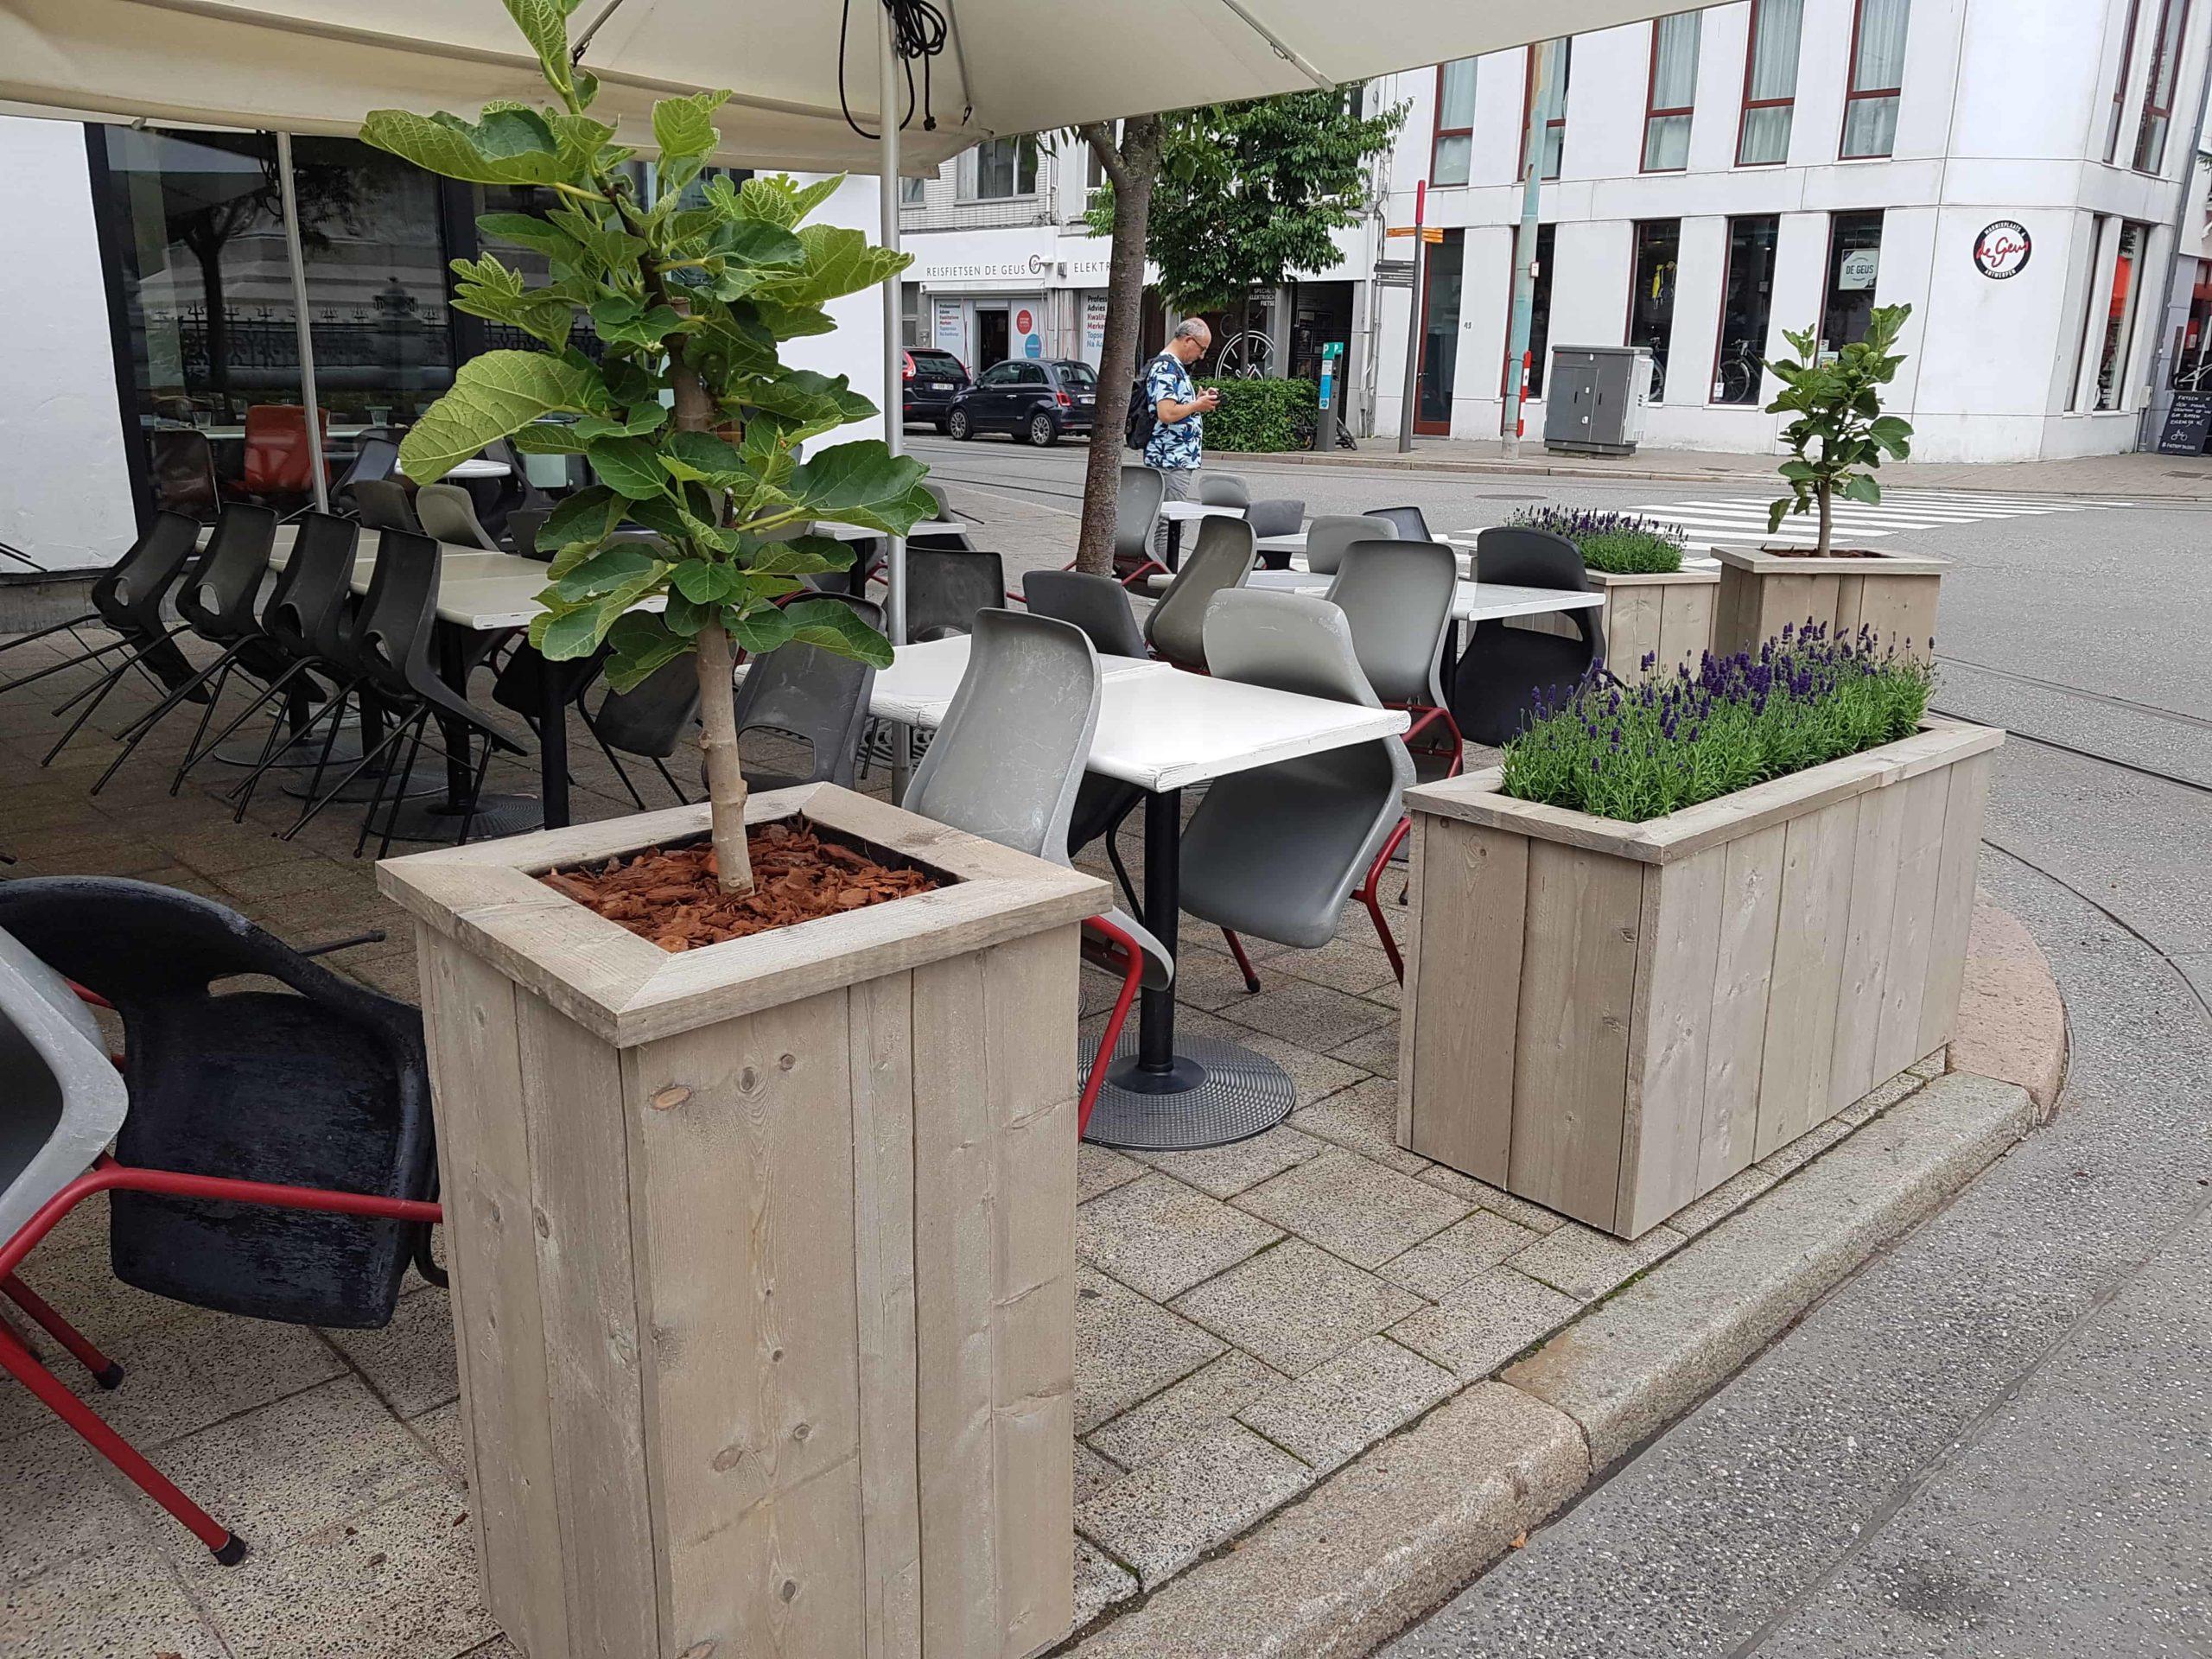 Steigerhouten plantenbakken